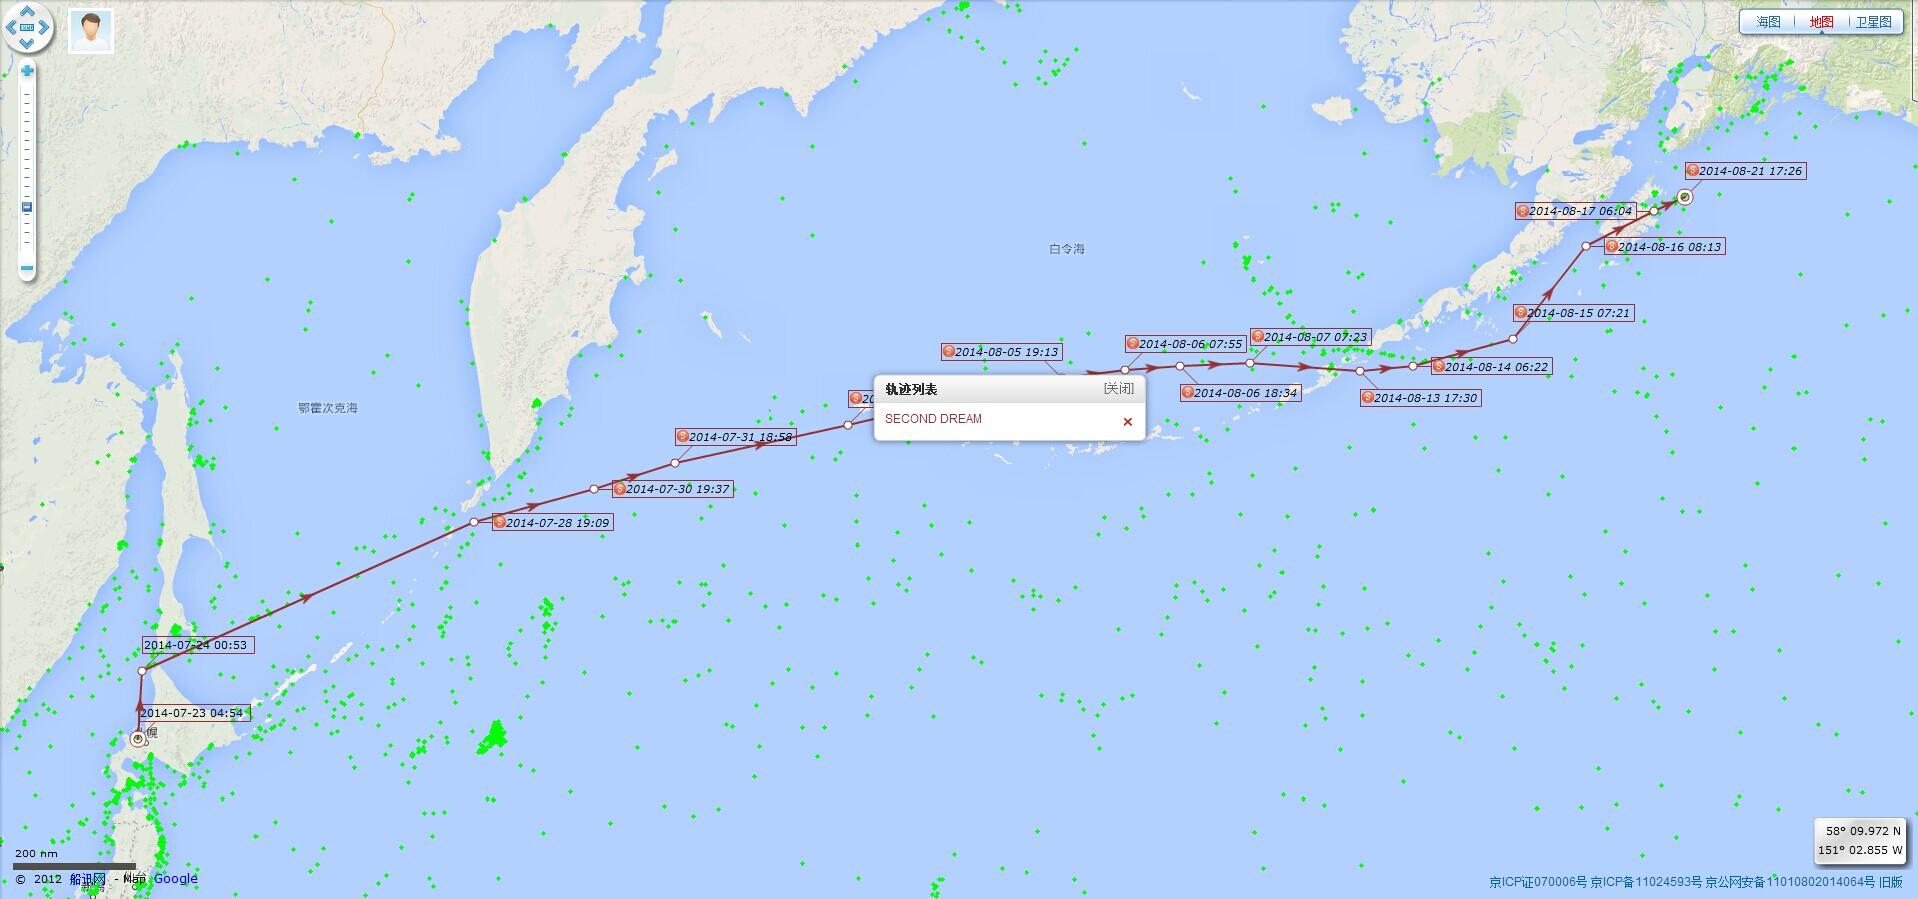 第二梦想号,Second,Dream,帆船,航海 第二梦想号最近一个月的航迹 20140723至20140822航迹